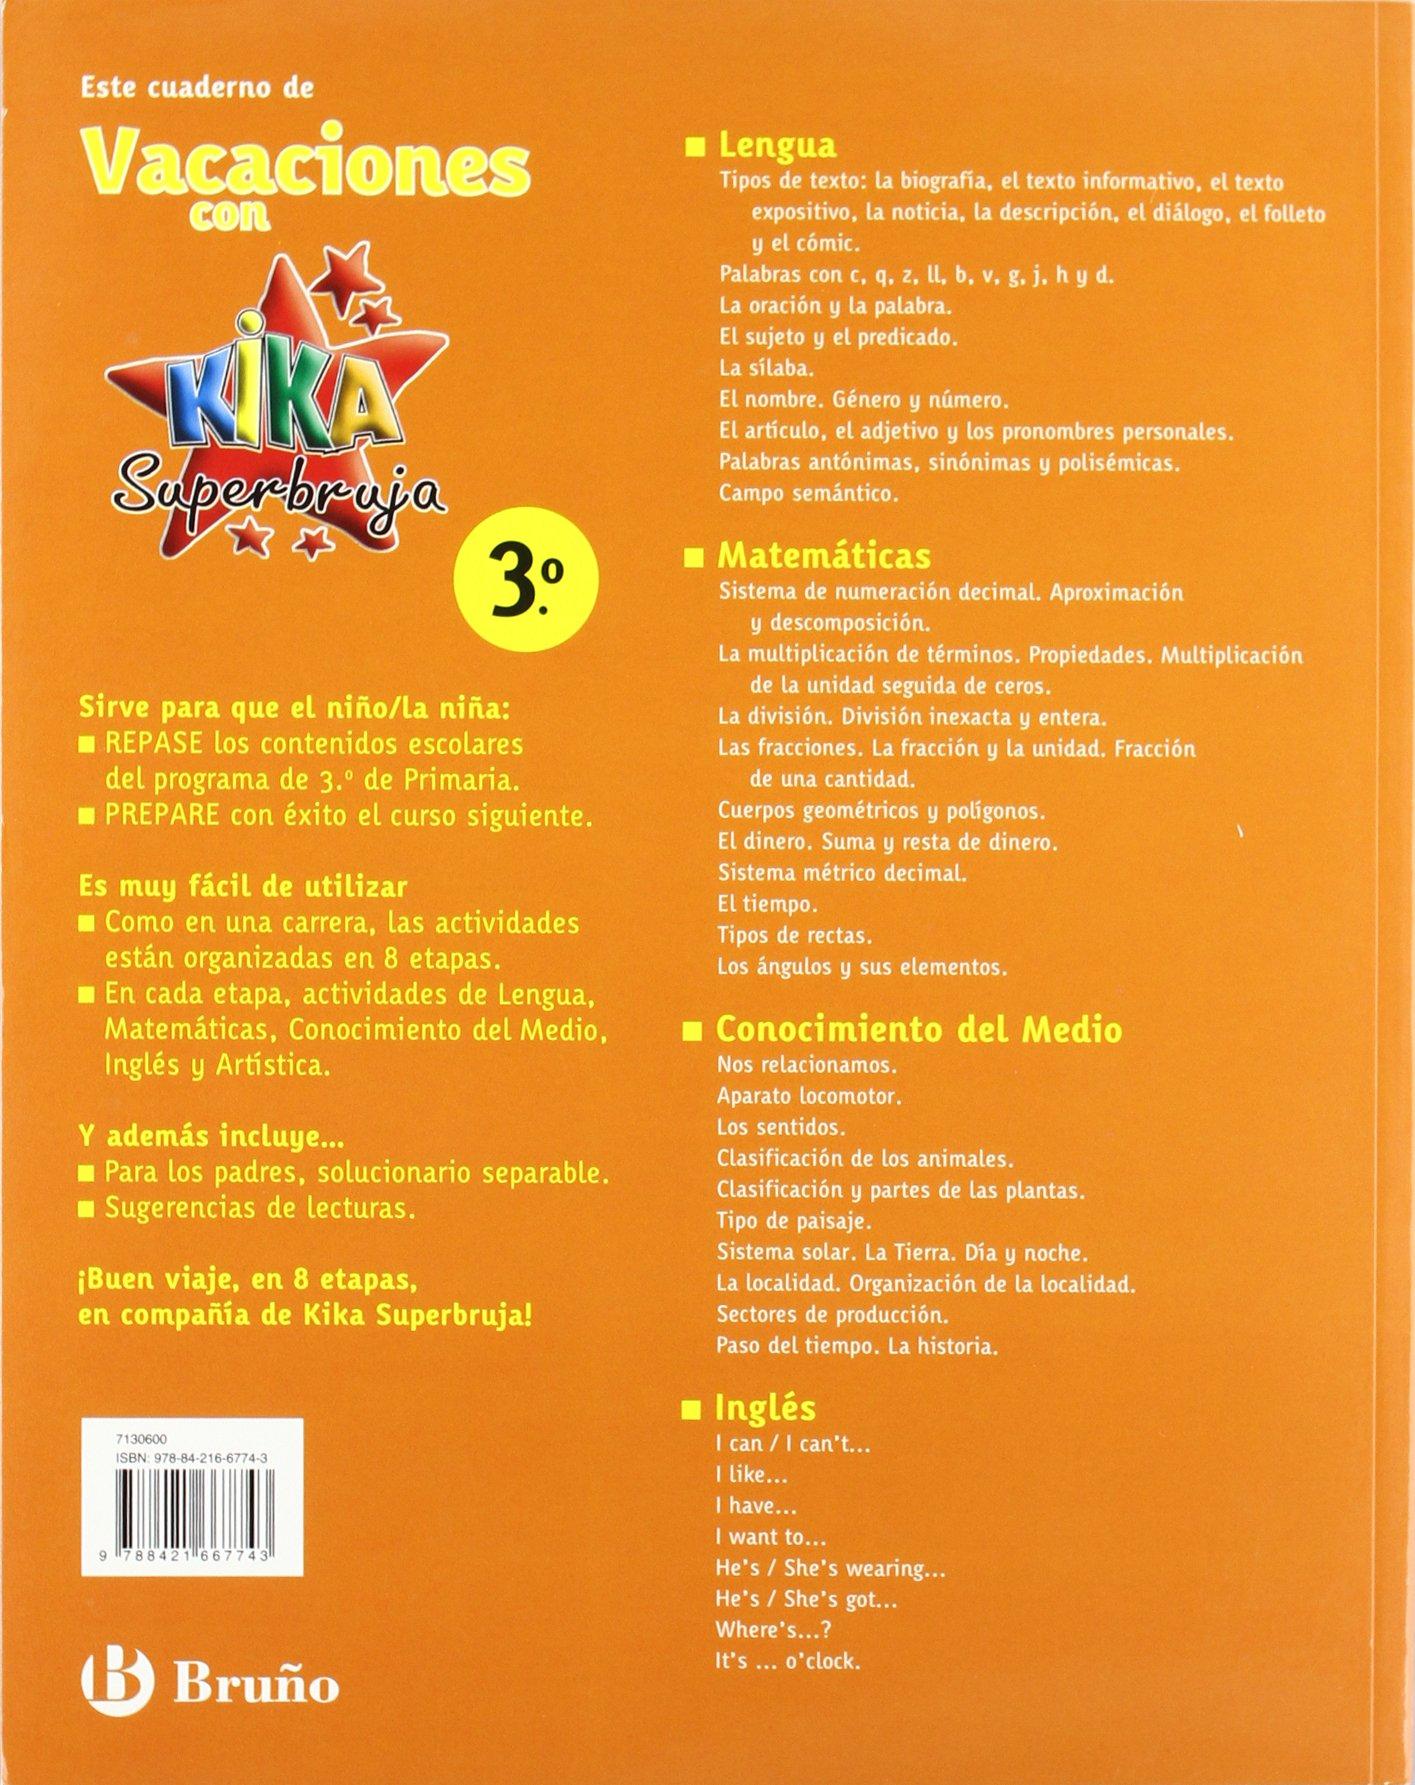 Kika superbruja: vacaciones Kika 3º primaria Castellano - Material Complementario - Vacaciones Primaria: Amazon.es: Varios autores: Libros